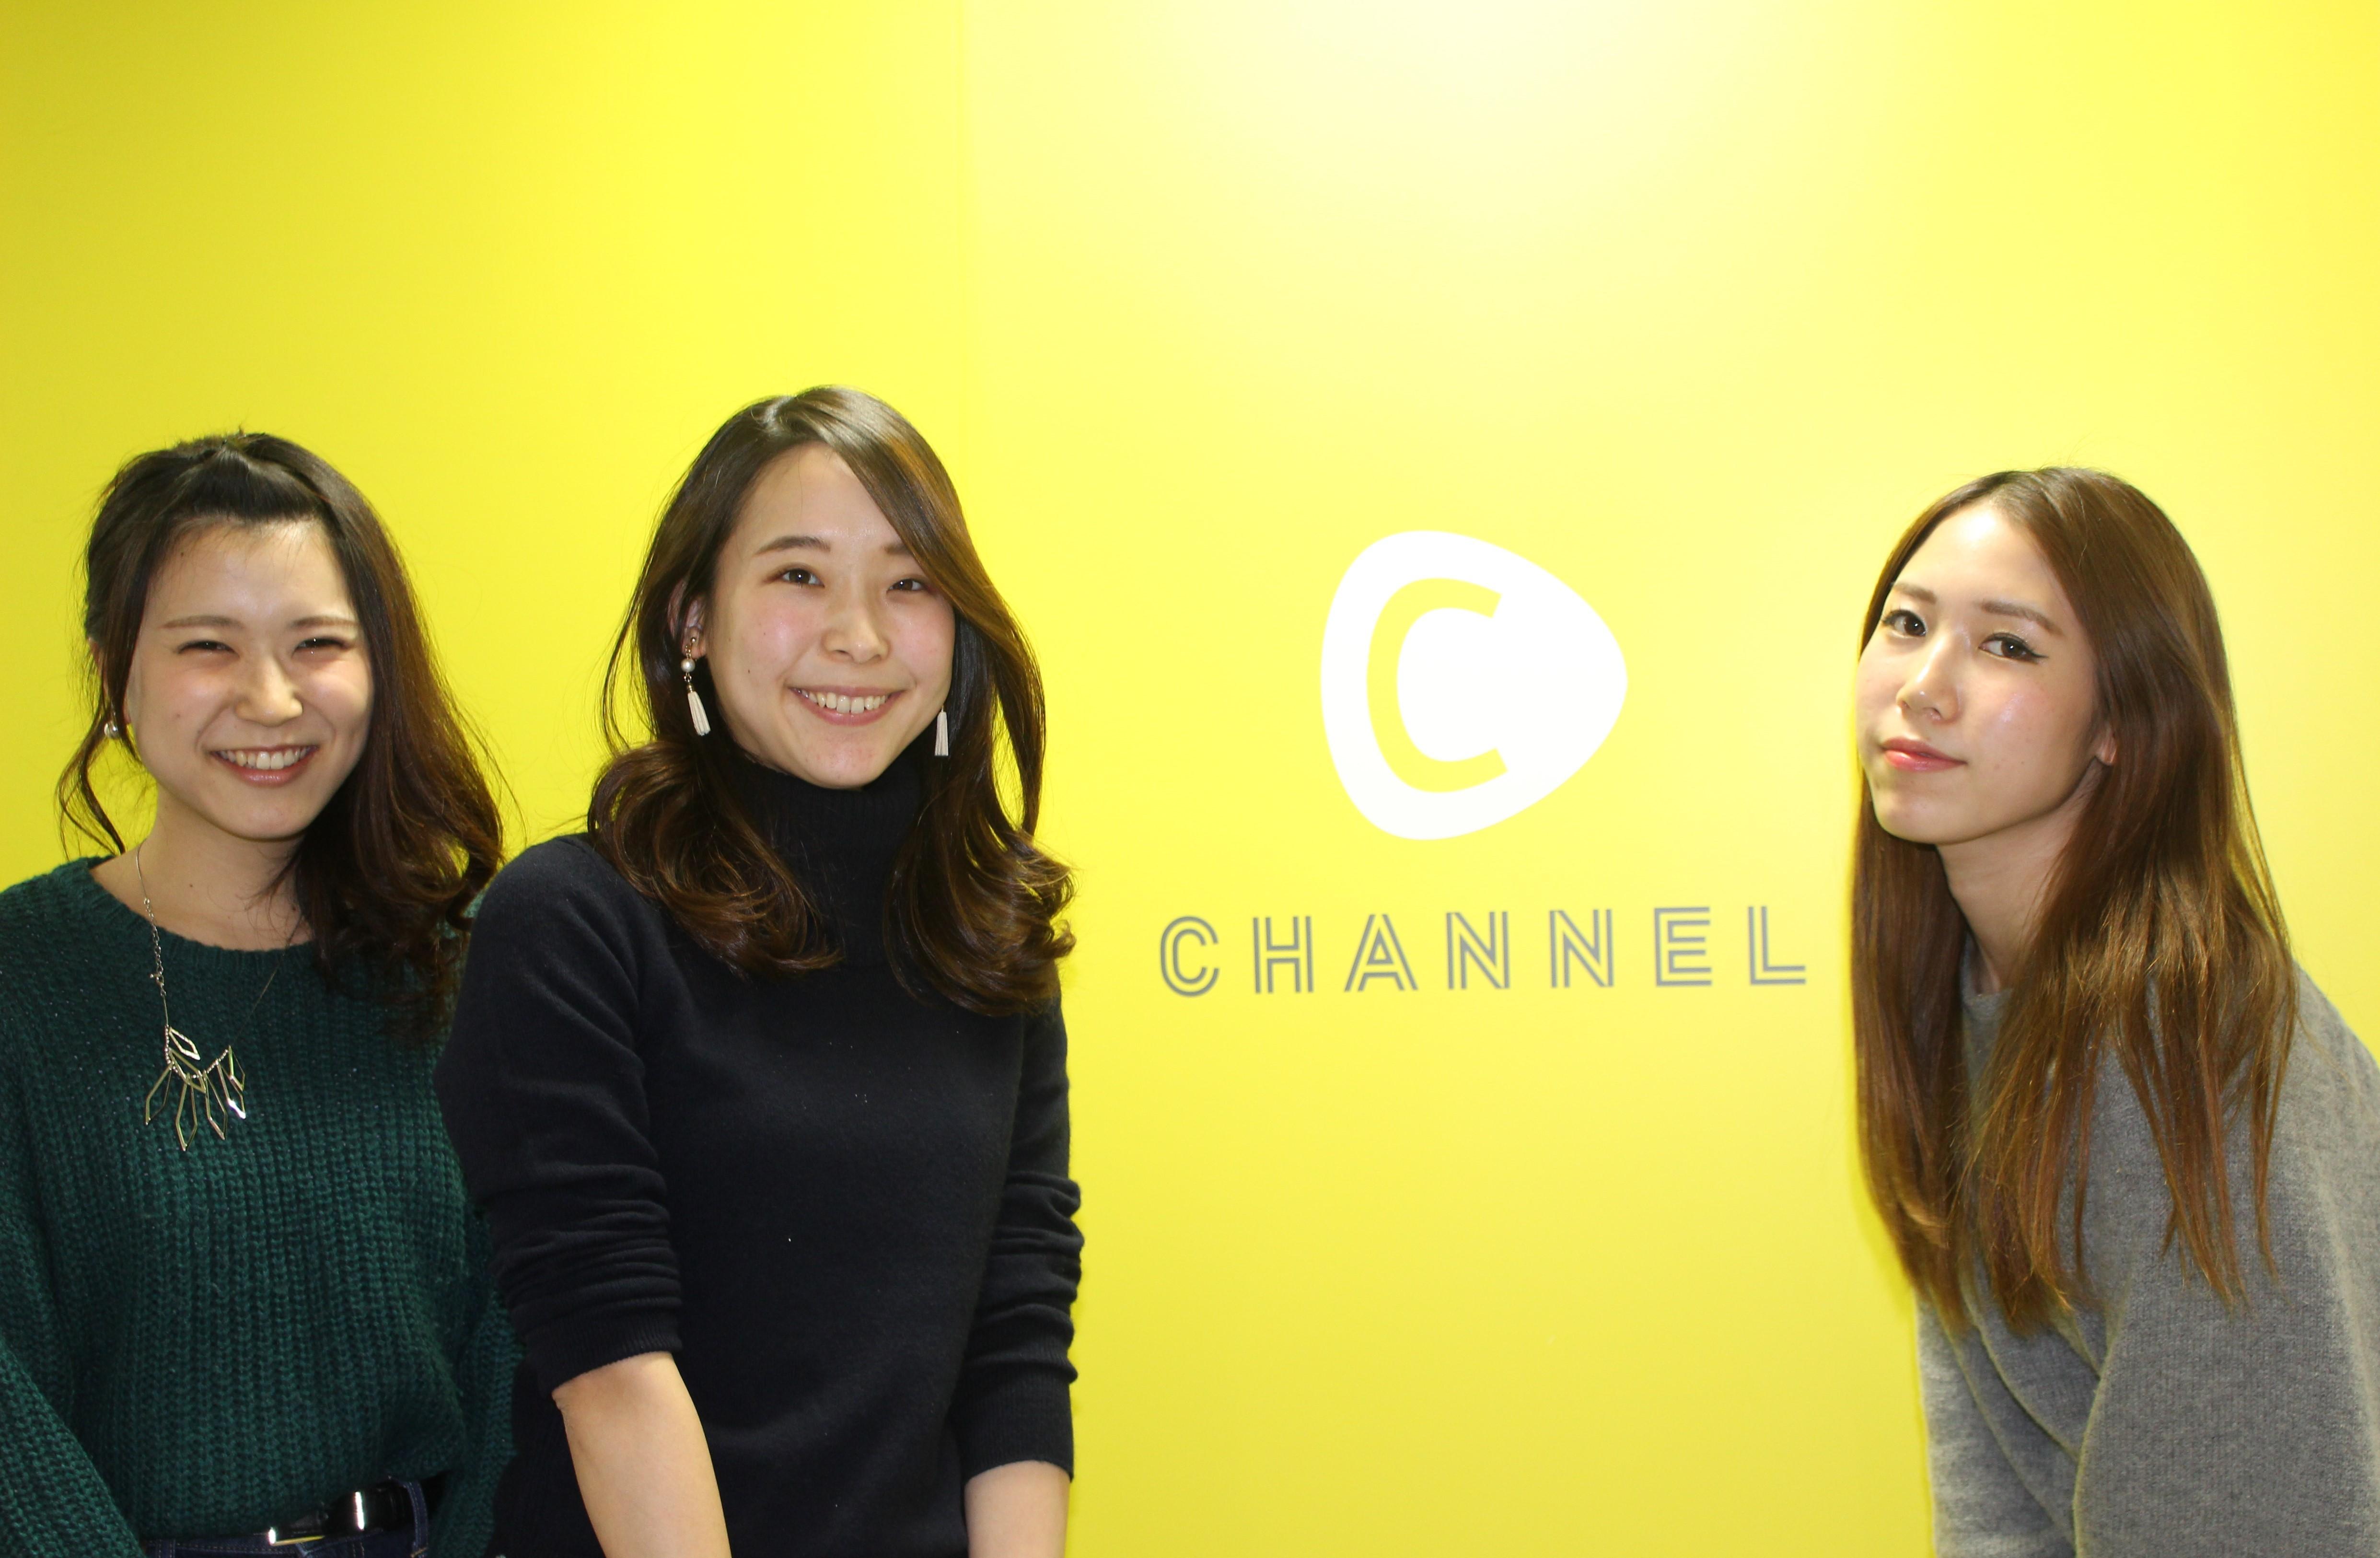 「C CHANNEL」で女性の心を動かす文章を書く!学生インターン